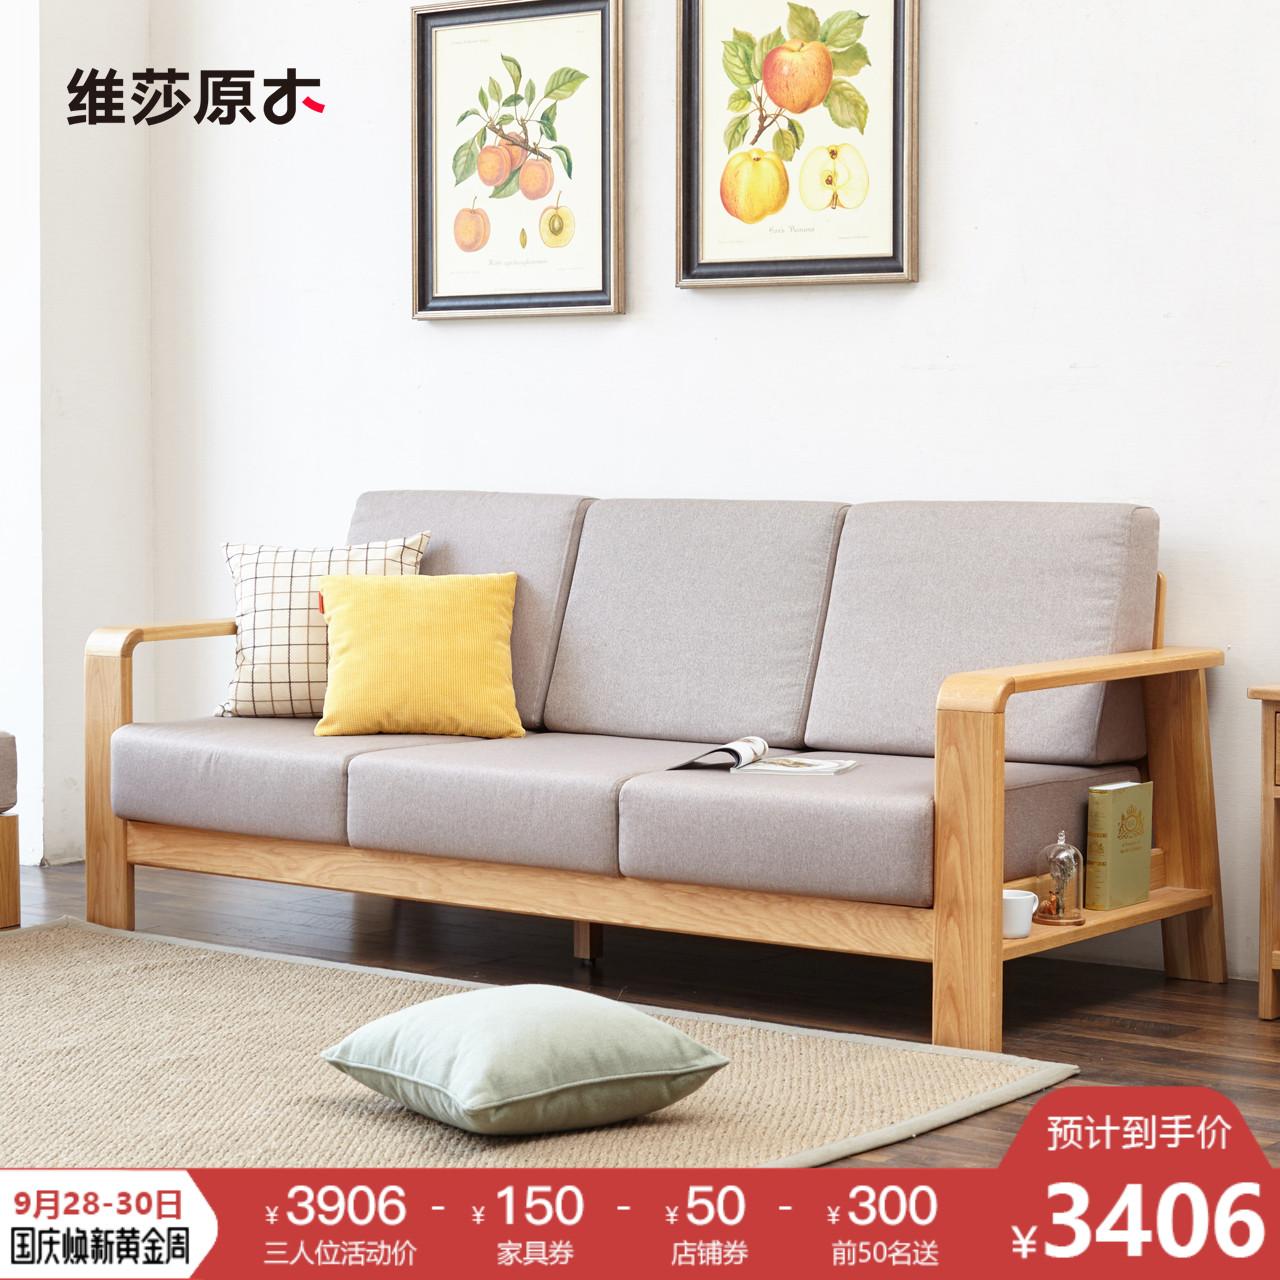 维莎日式纯实木沙发组合小户型白橡木可拆洗三人布艺转角沙发环保